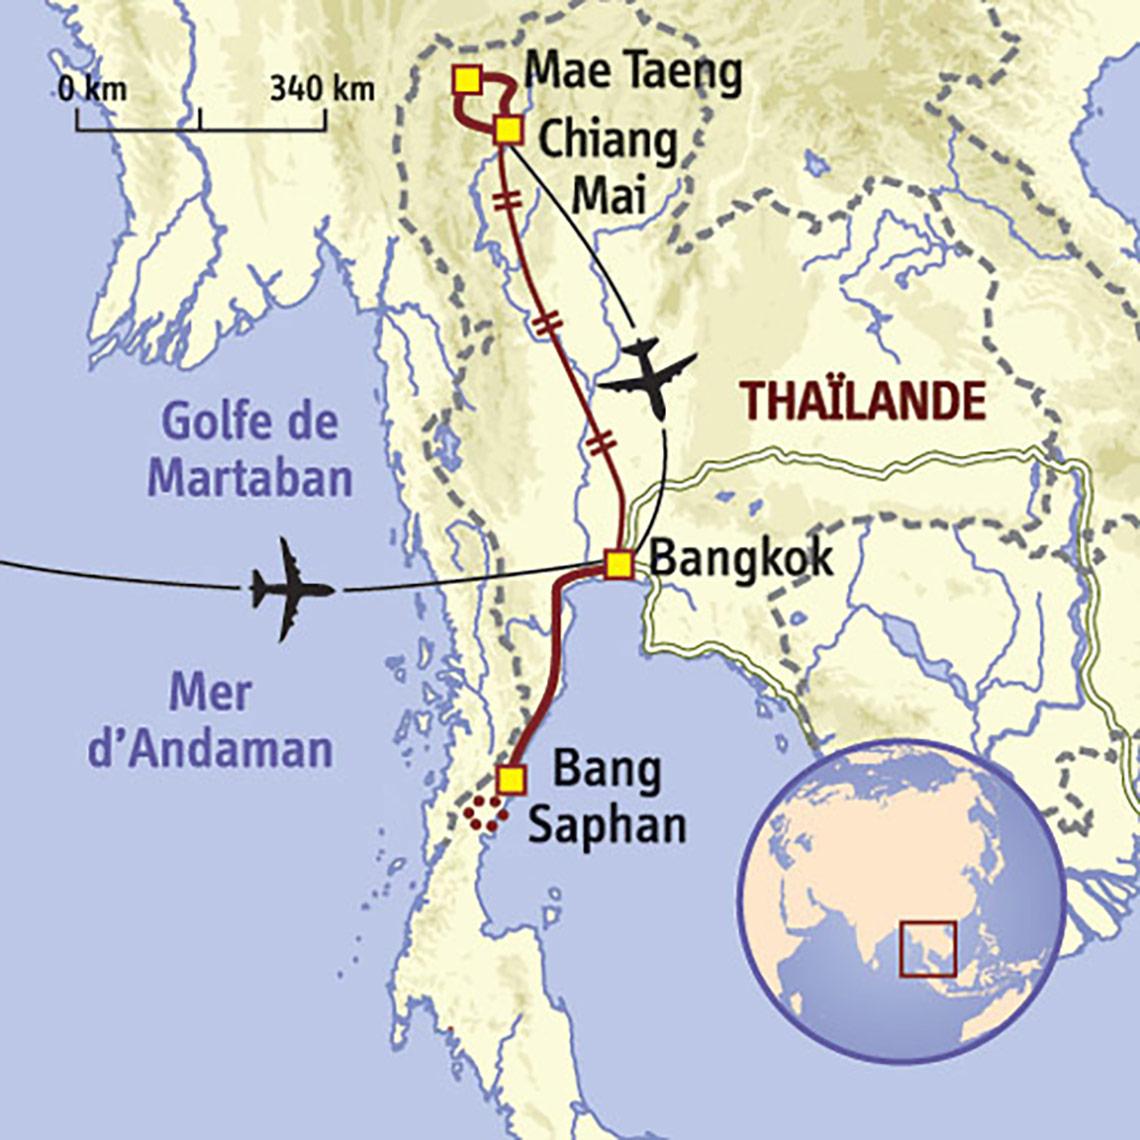 Carte Thailande Voyage En Famille Hors Sentiers Battus Prolongez Votre Aventure